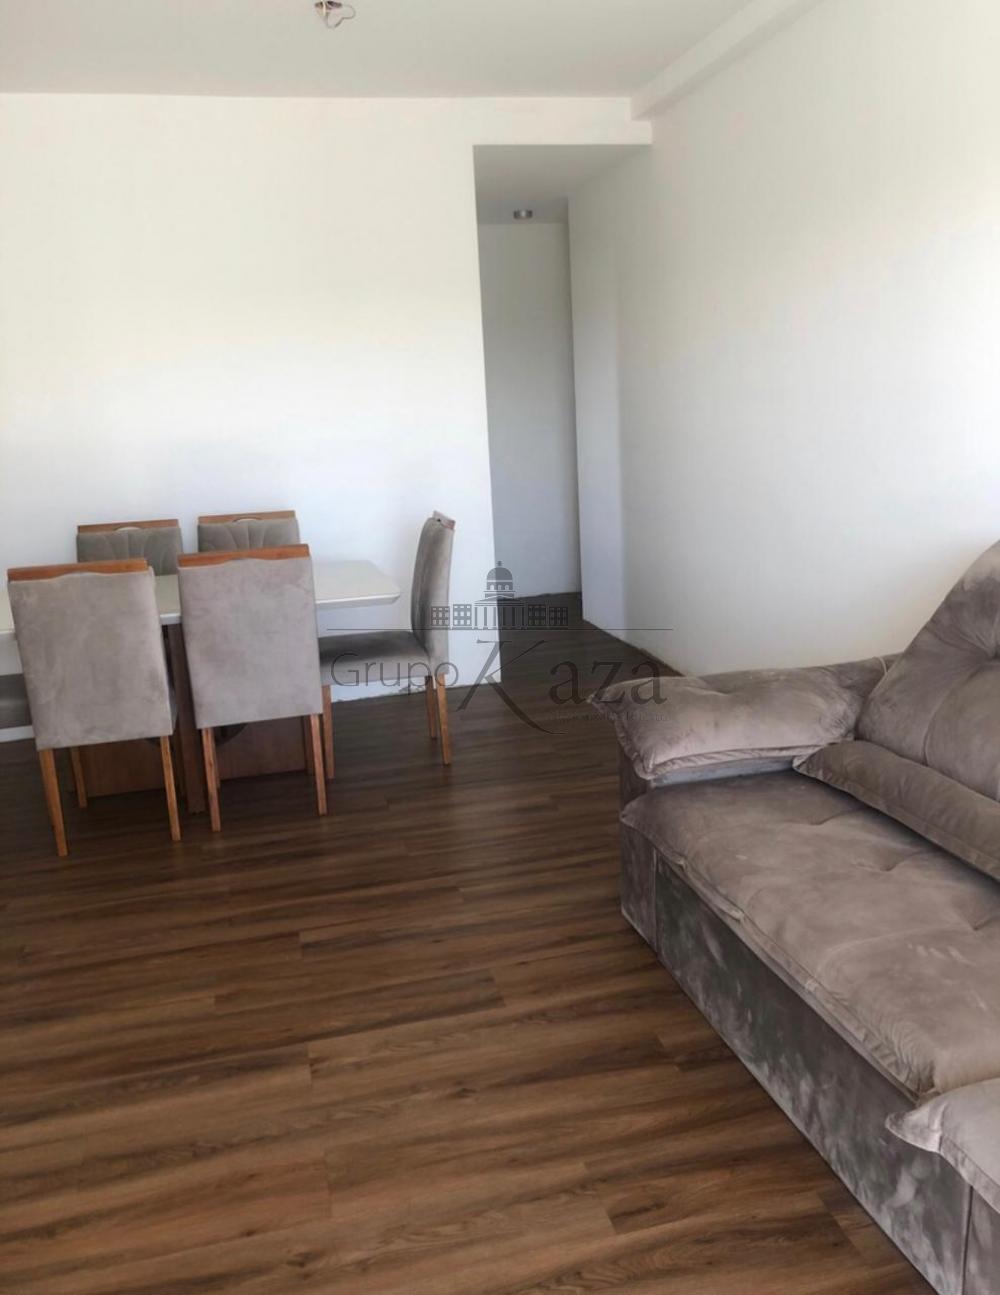 alt='Comprar Apartamento / Padrão em Jacareí R$ 380.000,00 - Foto 2' title='Comprar Apartamento / Padrão em Jacareí R$ 380.000,00 - Foto 2'